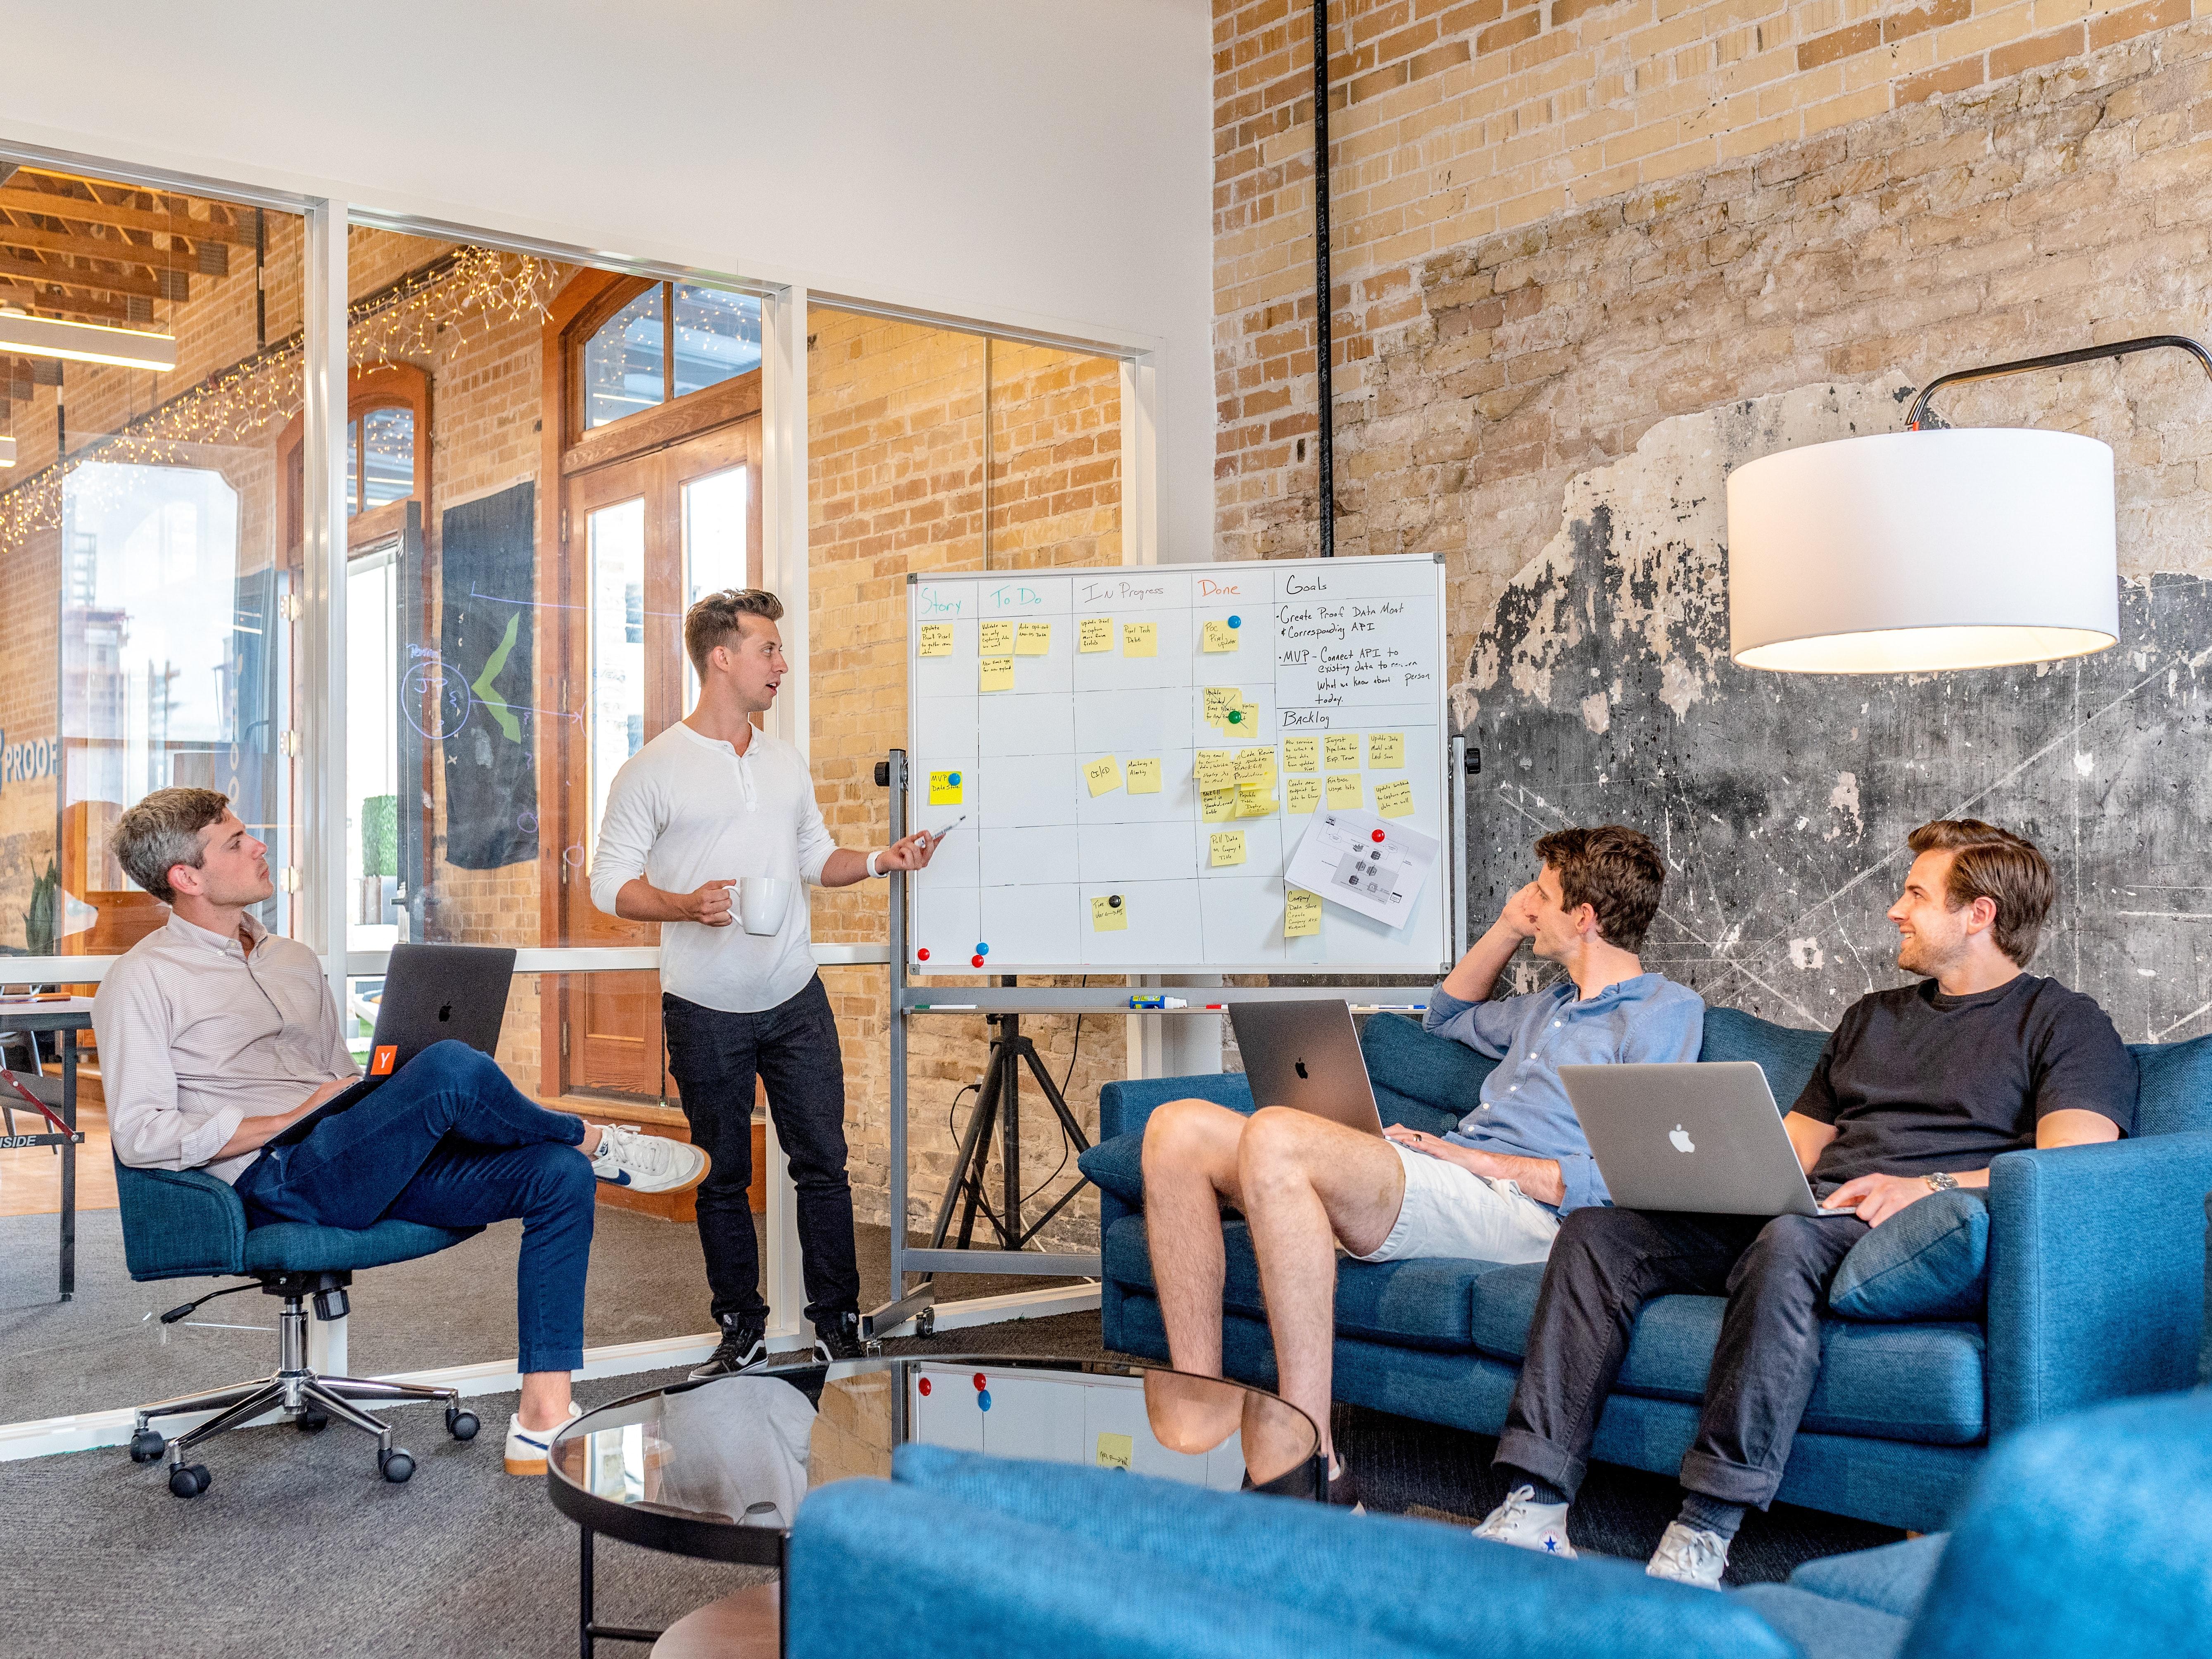 La leadership nelle campagne di vendita, di comunicazione e di marketing